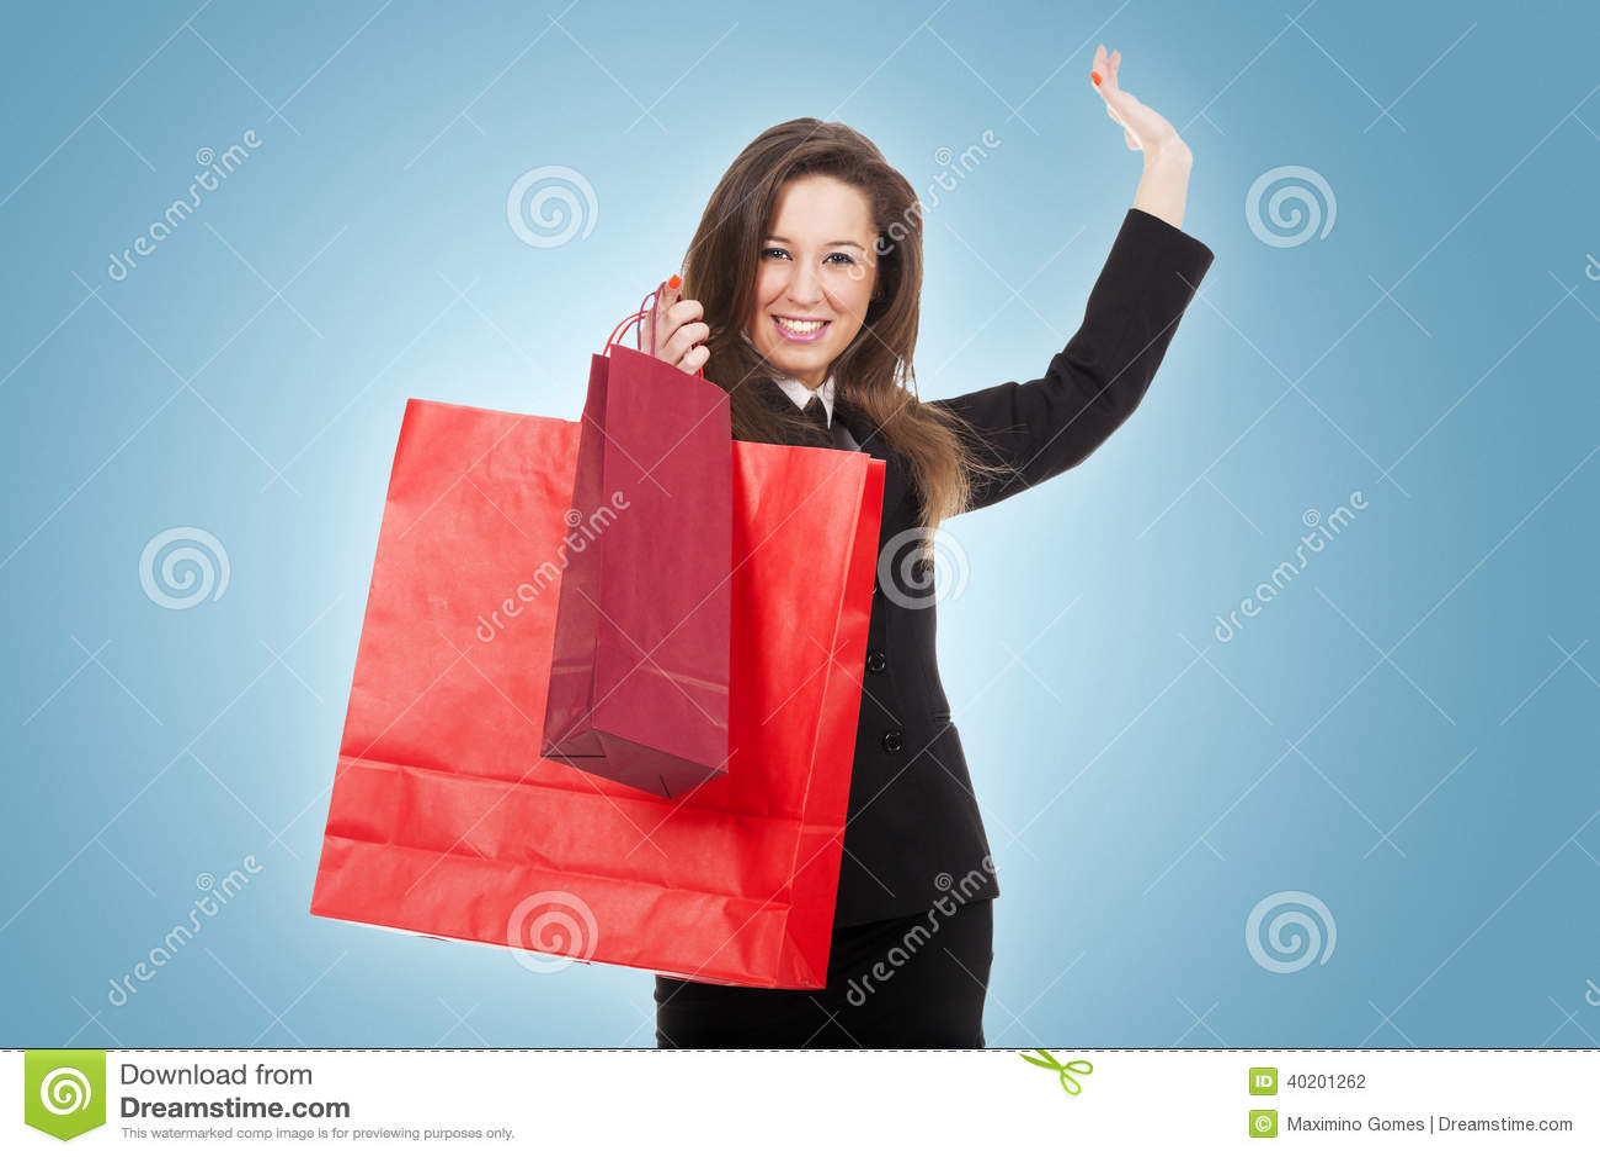 Junge Frau im Shop